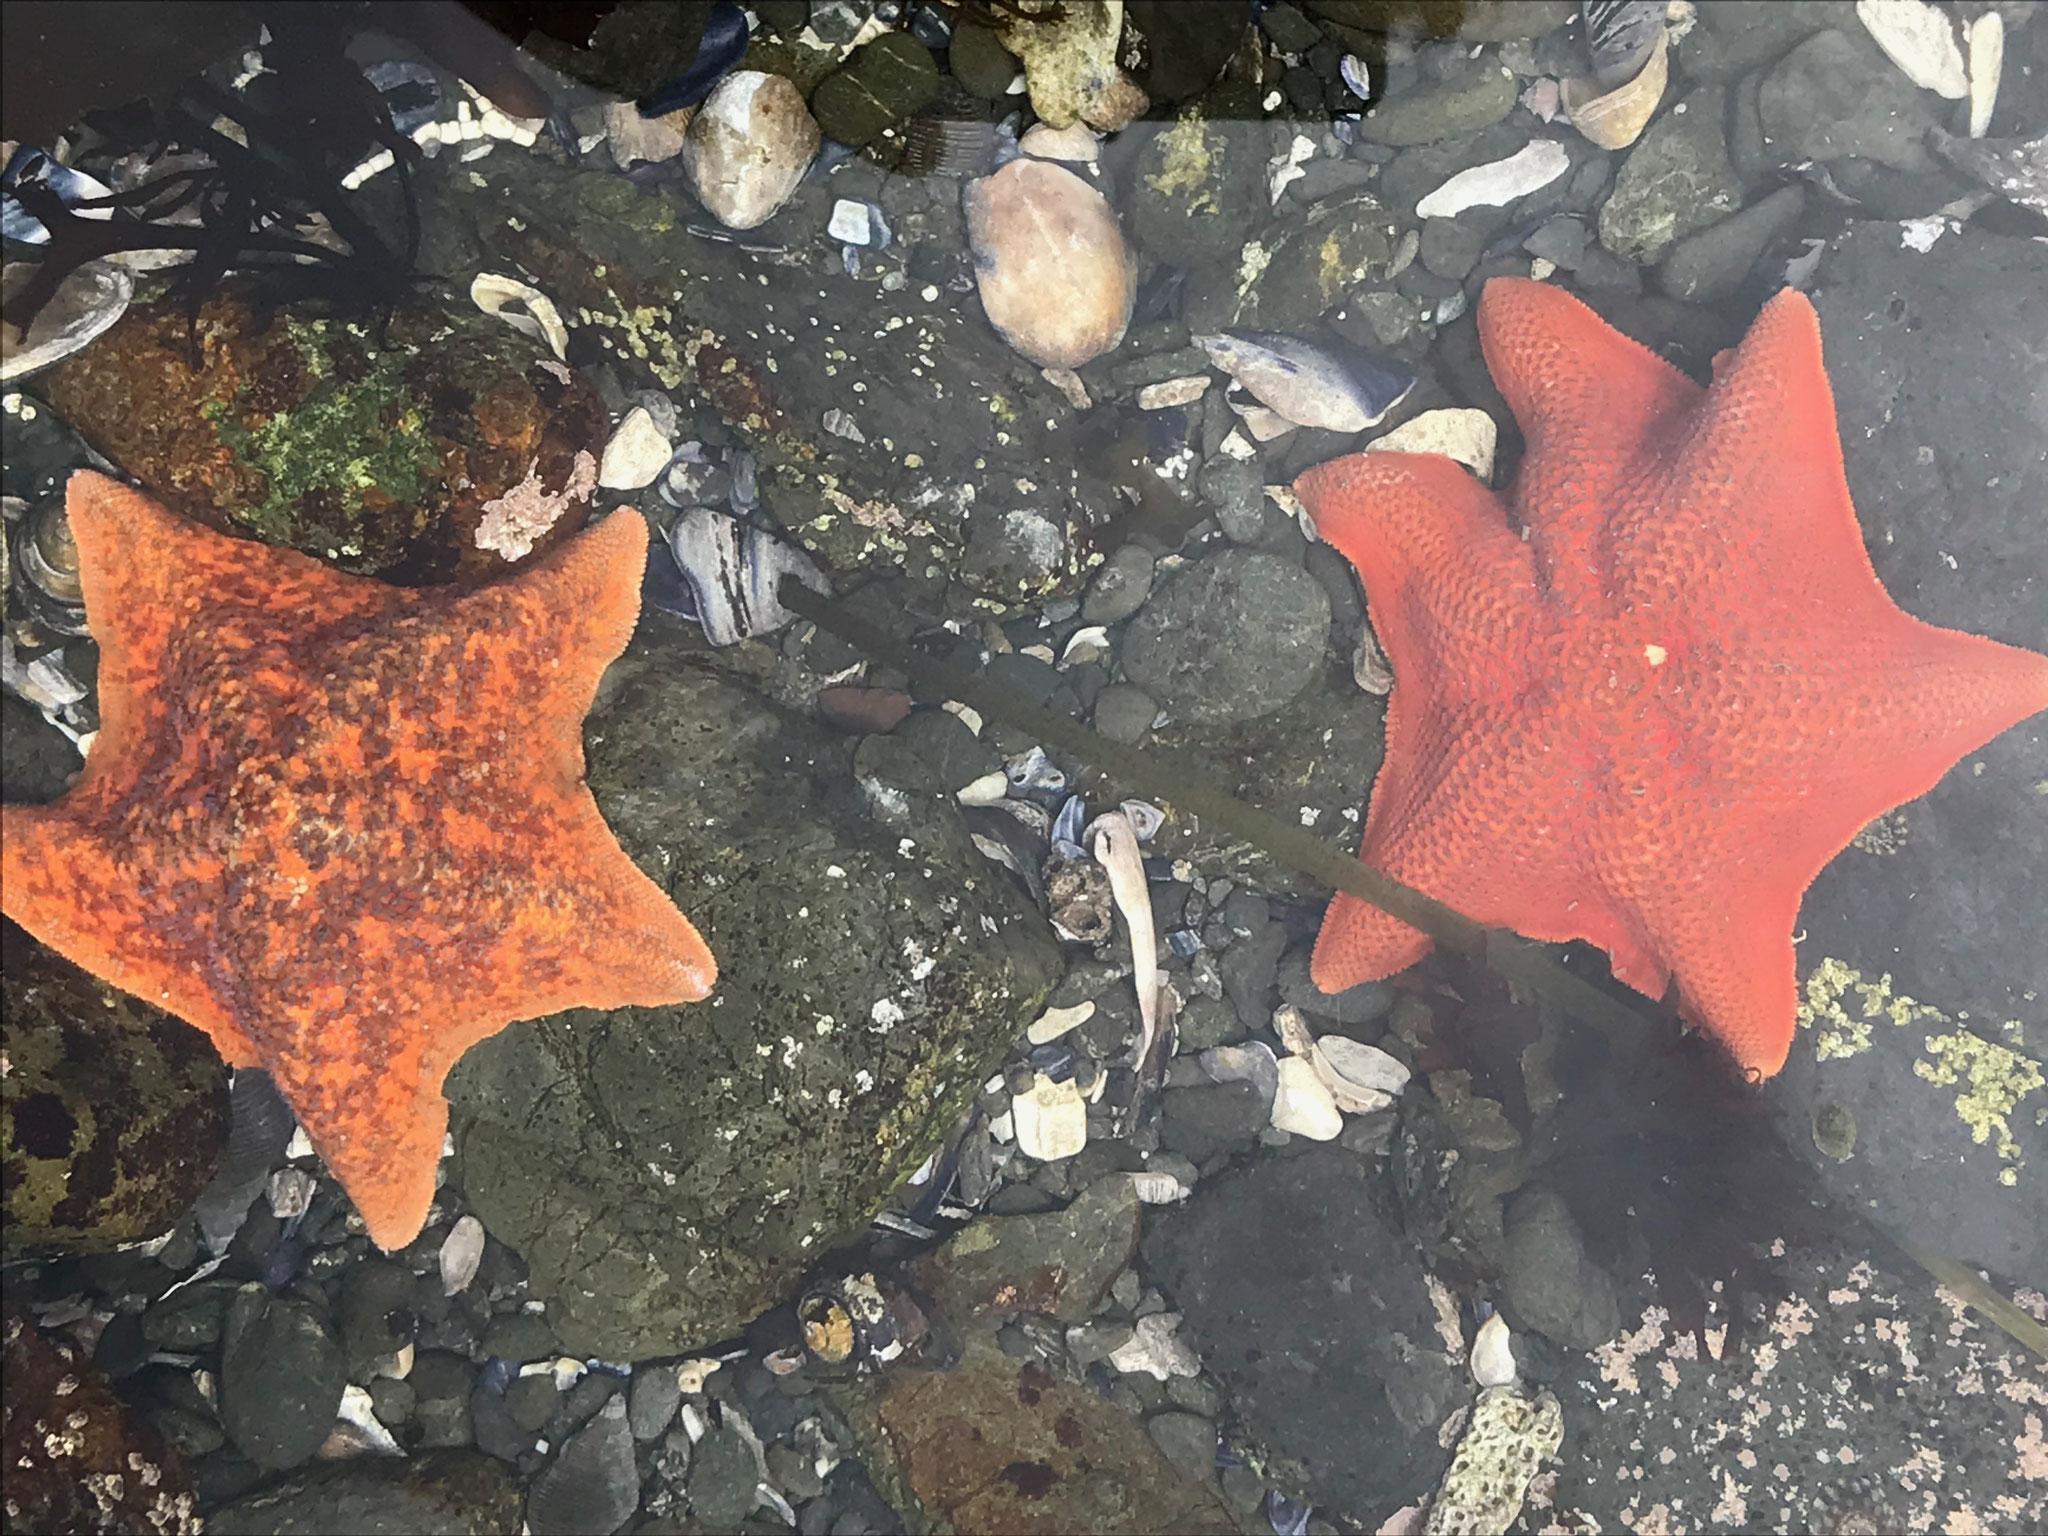 Bei Ebbe nach Meerestieren Ausschau zu halten ist auch für Grosseltern sehr interessant.